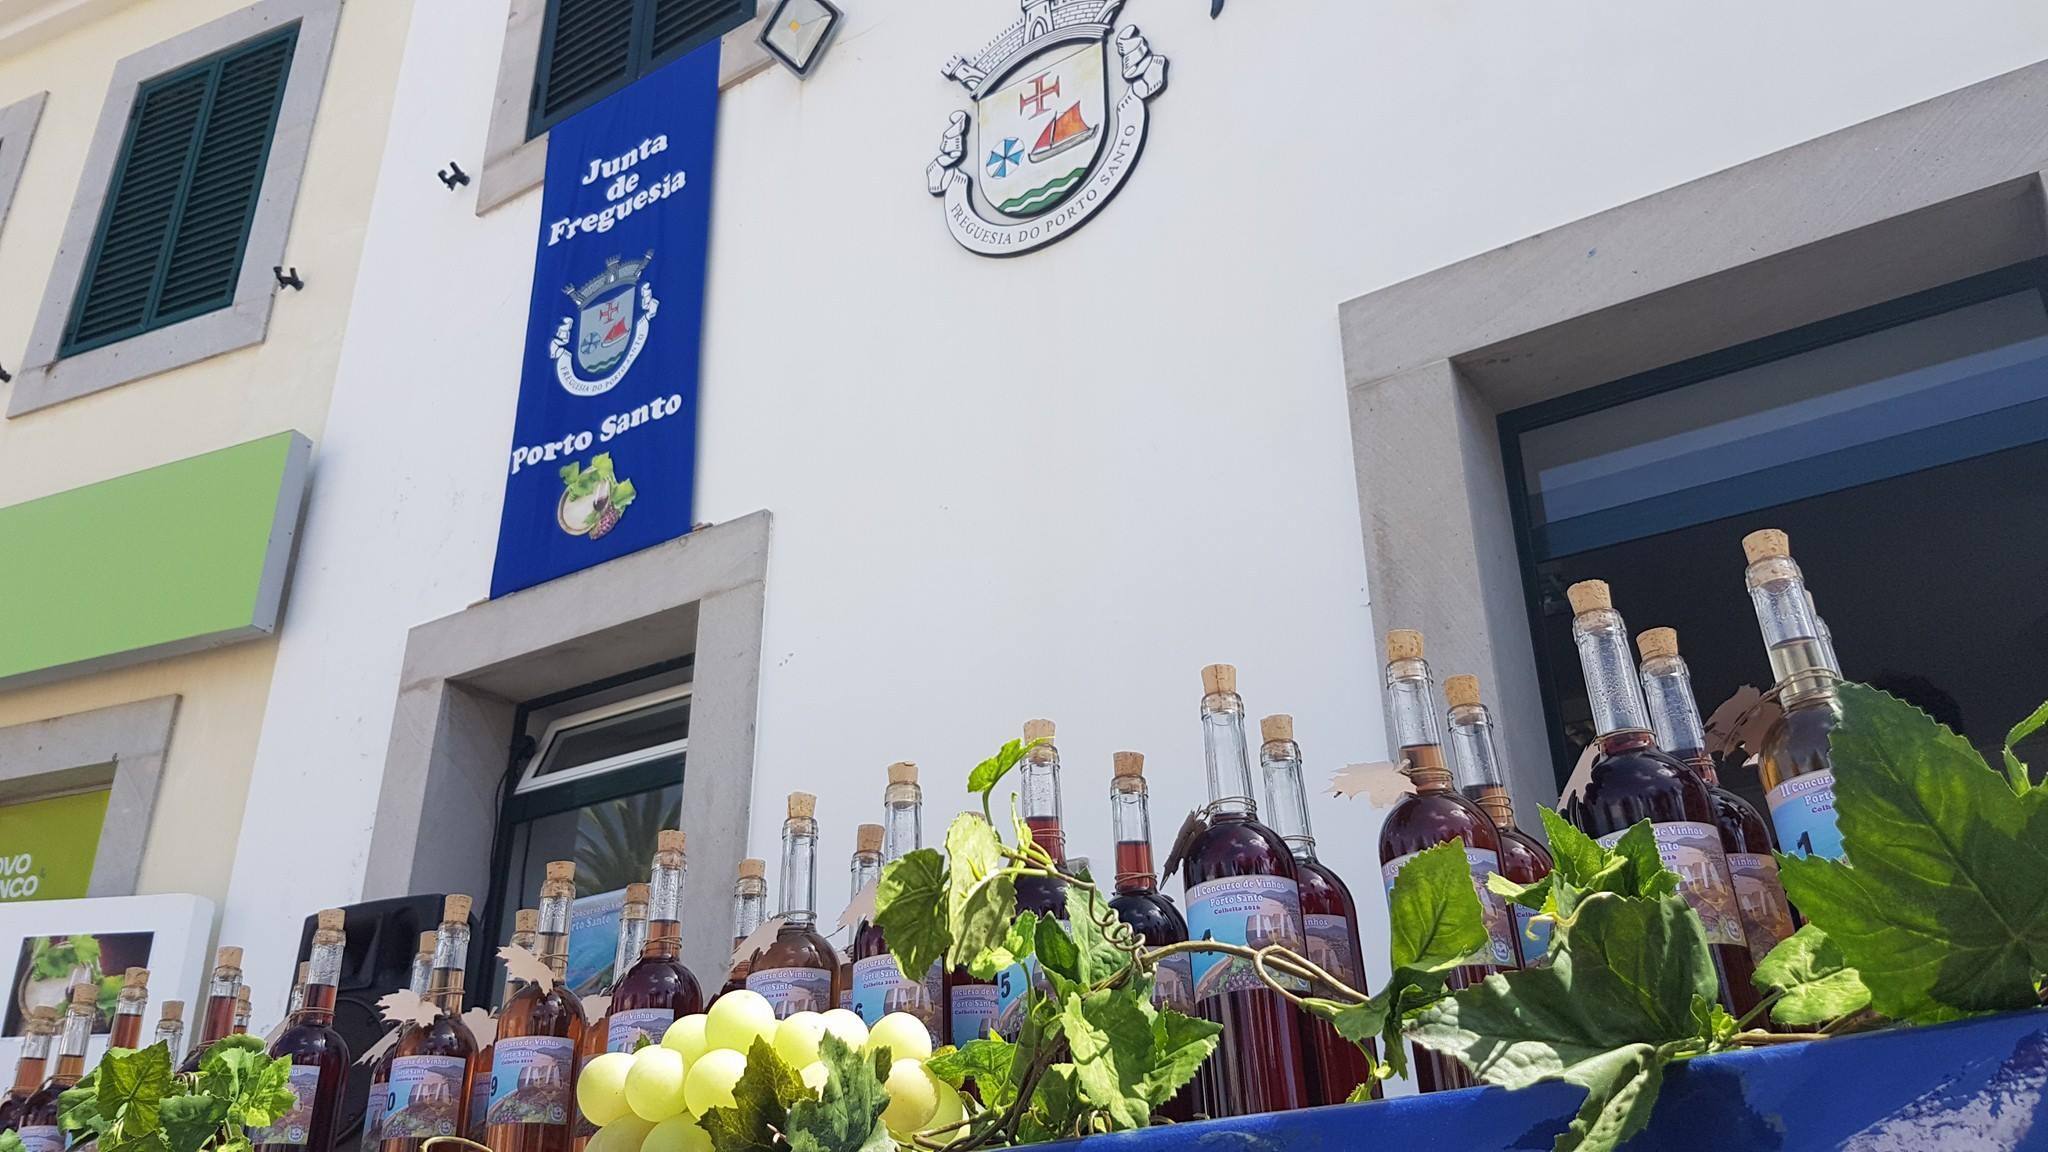 II Concurso de Vinhos do Porto Santo.